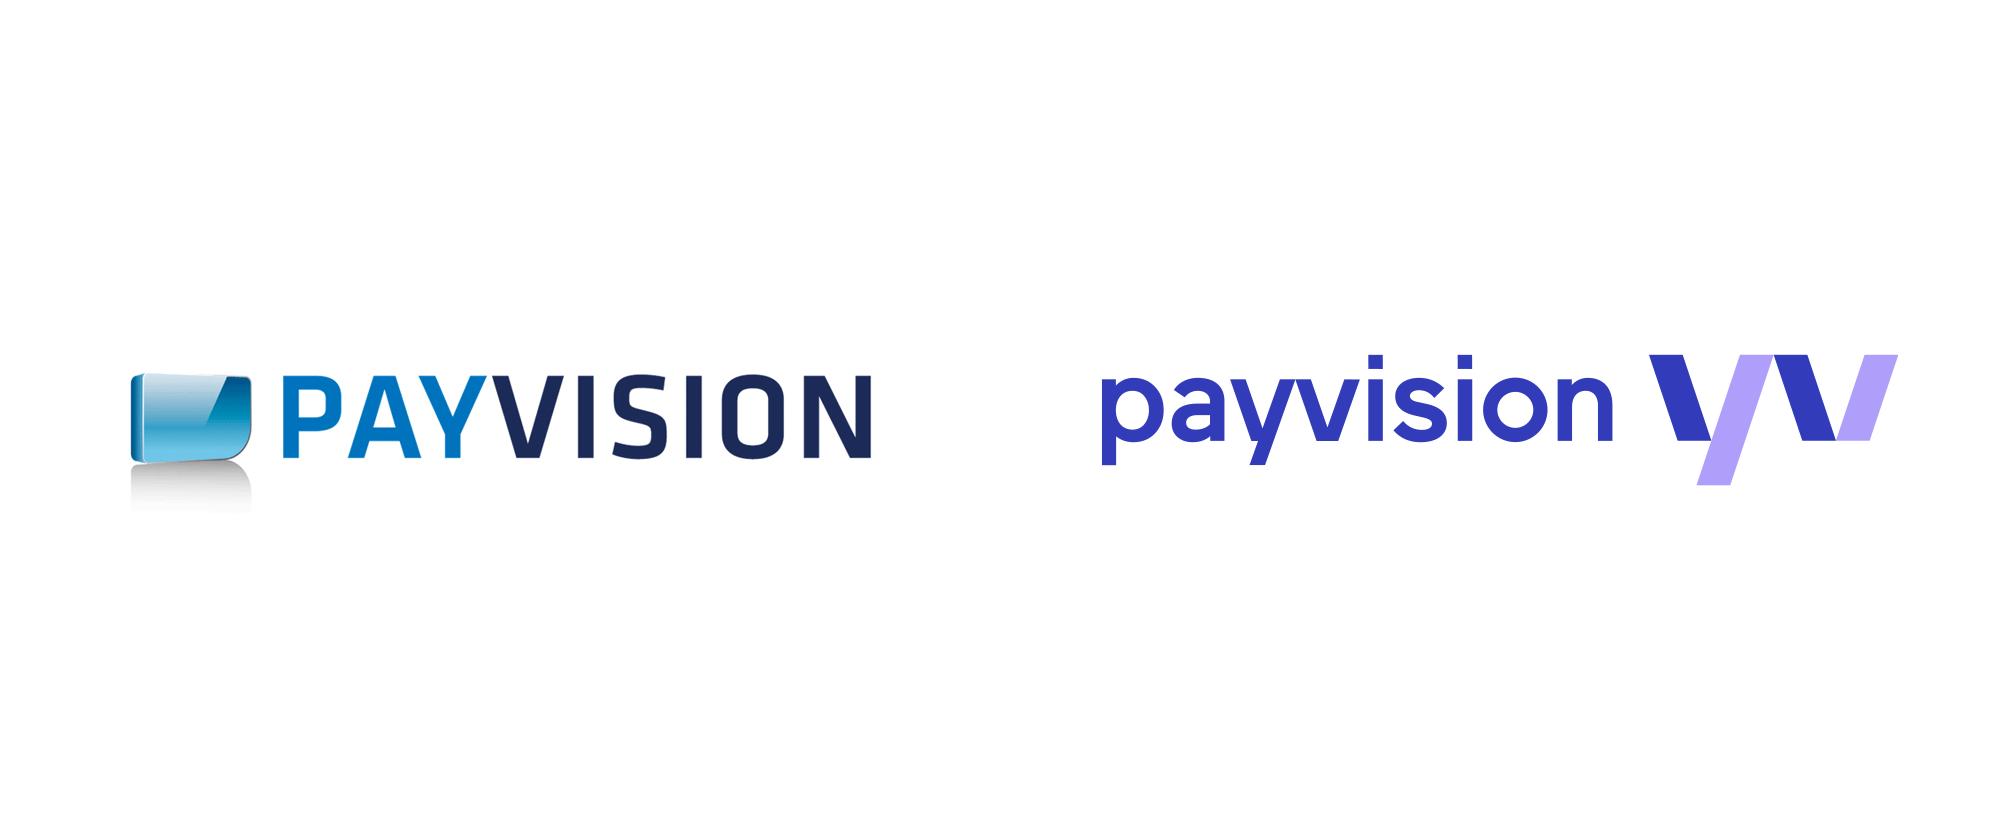 Payvision安全交易支付平台logo设计,企业形象塑造